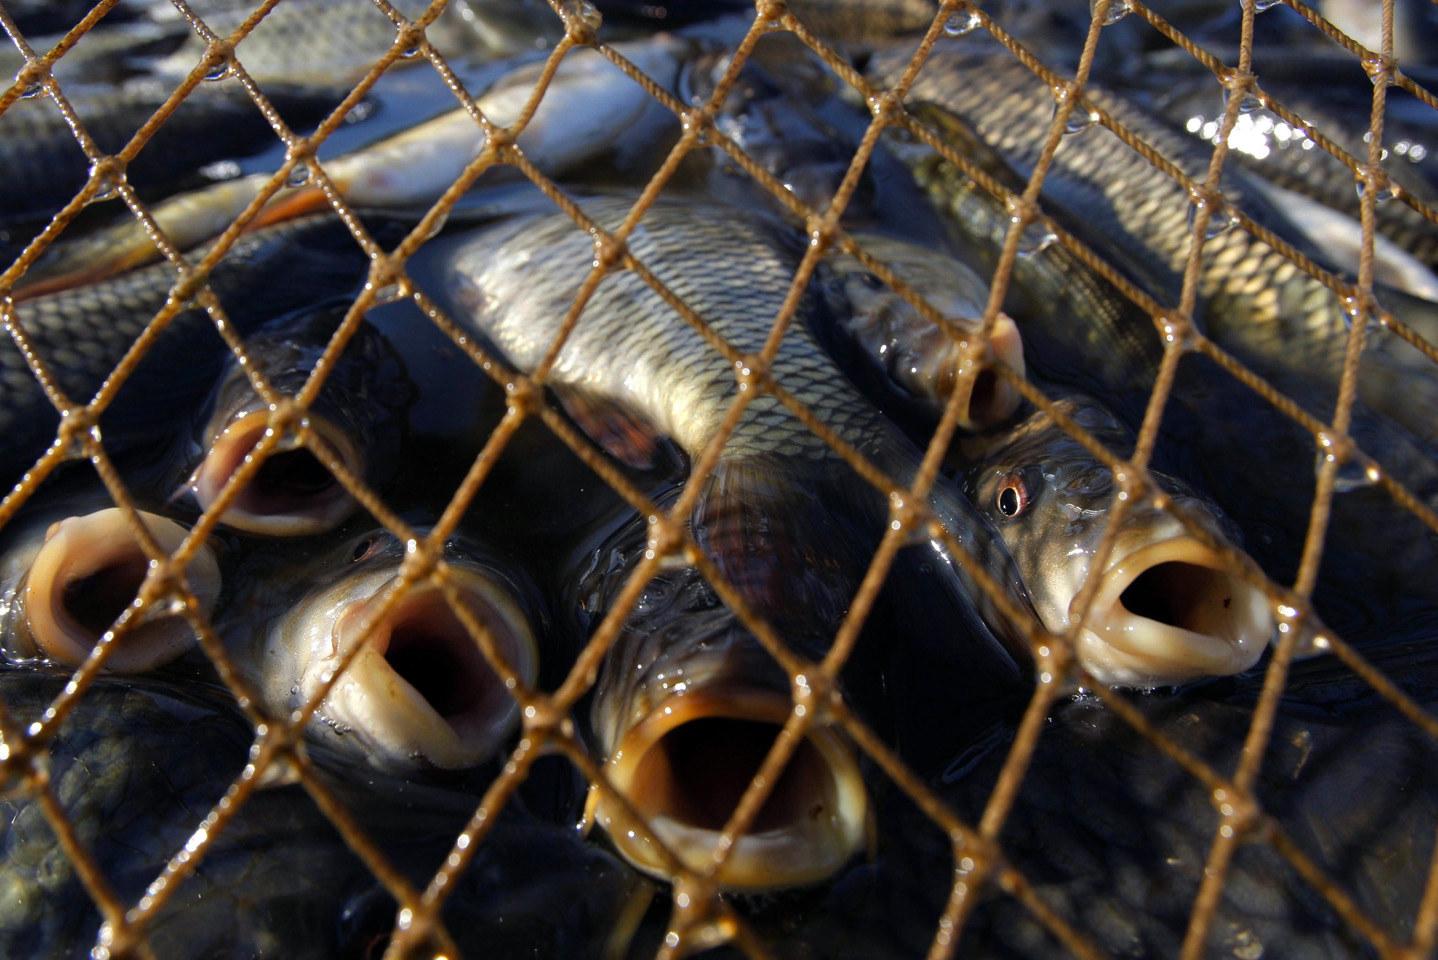 Рыбпатруль поймал браконьеров с уловом почти на 20 тысяч гривен - ФОТО